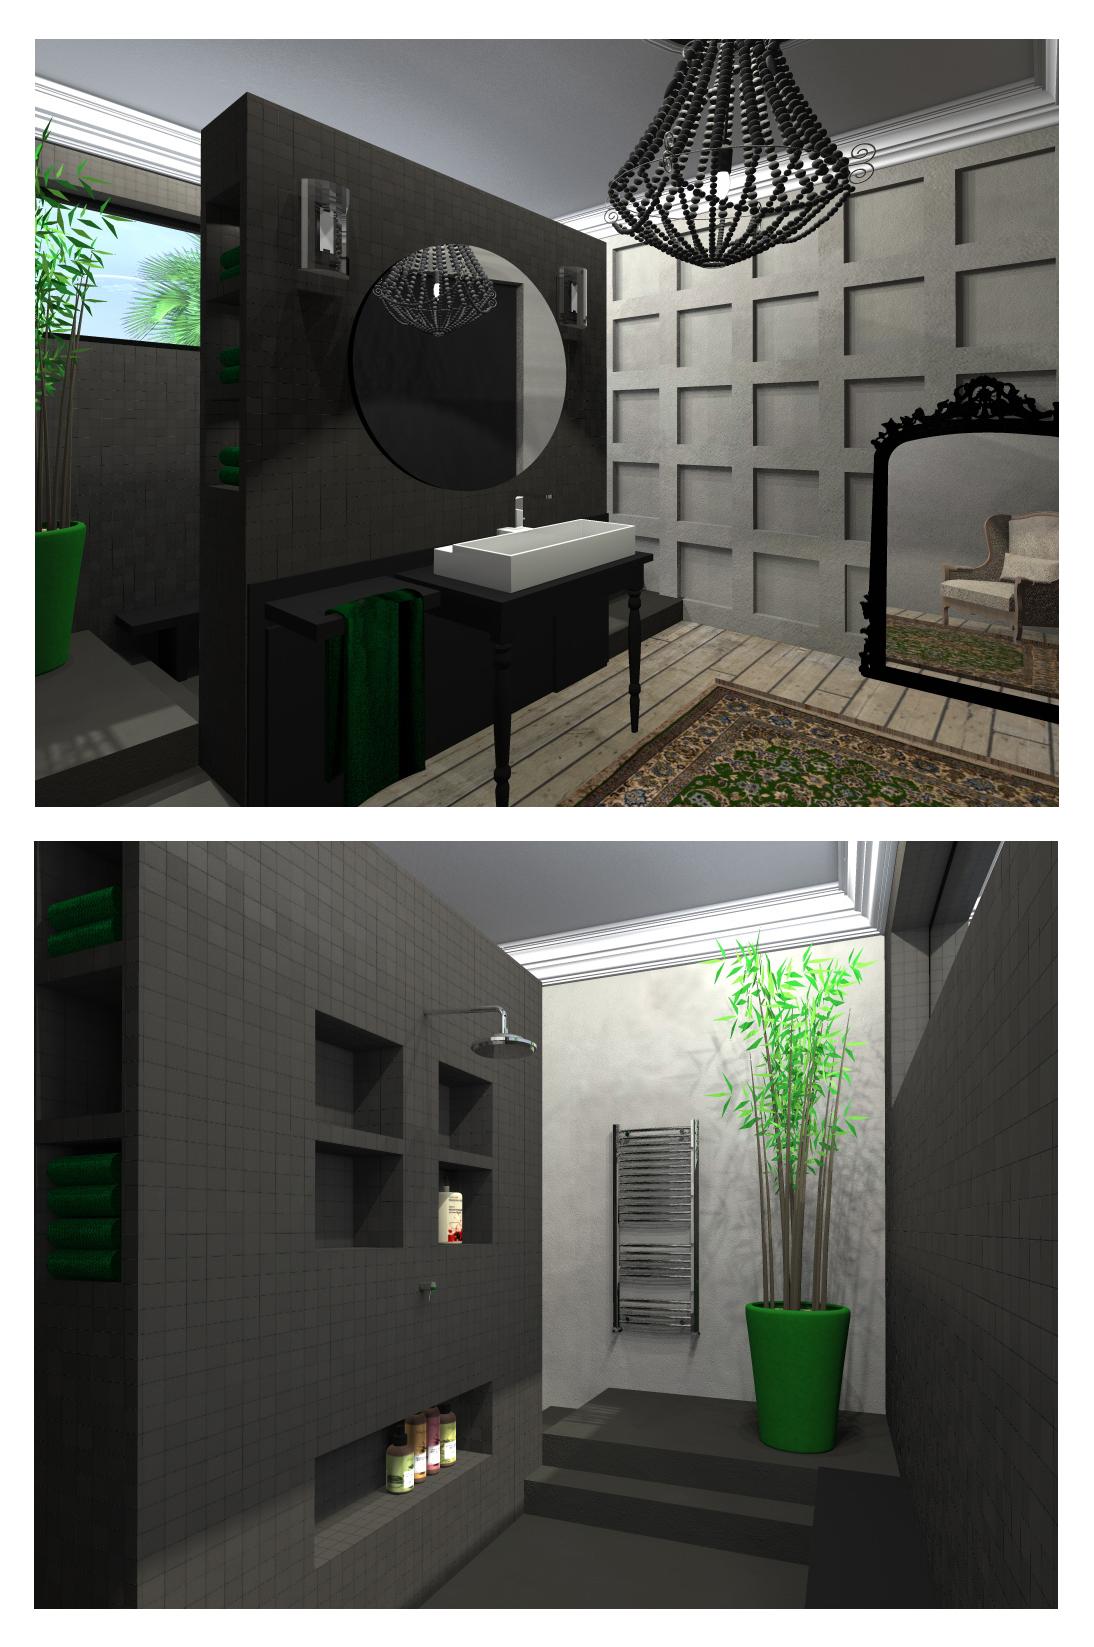 vues 3d l 39 accessoire du rangement blog sur l 39 organisation mais pas seulement. Black Bedroom Furniture Sets. Home Design Ideas